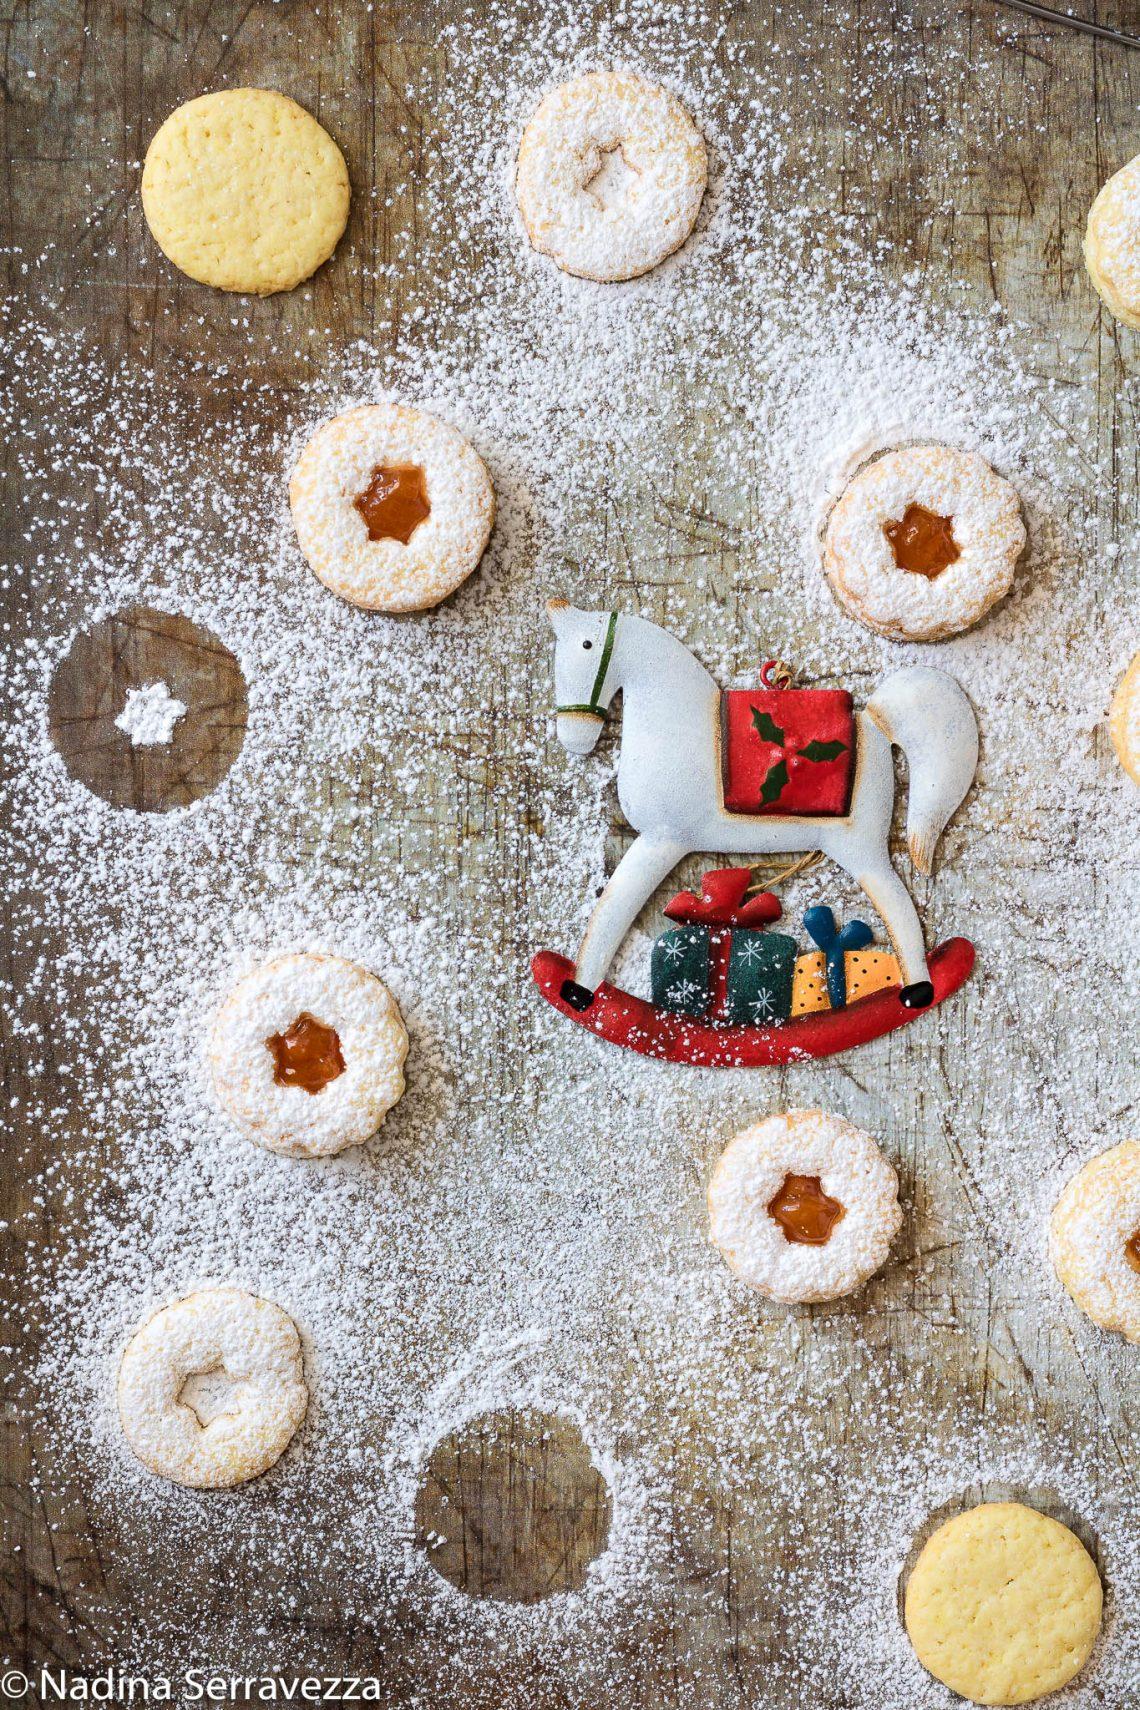 Biscotti Di Natale Tirolesi.Spitzbuben Biscotti Ricetta Natalizia Tradizionale E Ricetta Bimby